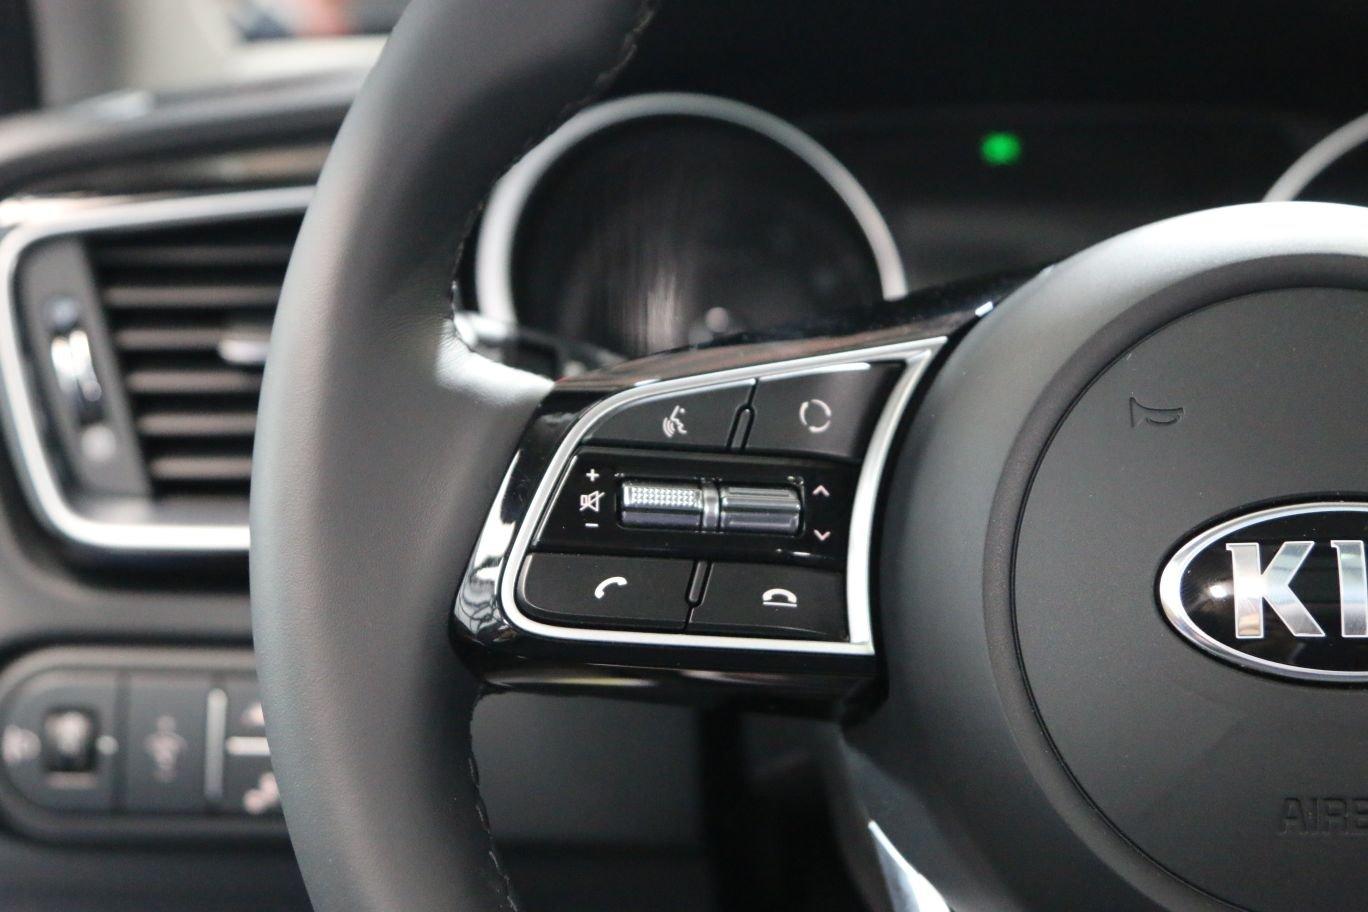 Kia Ceed 3rd Generation >> Kia Ceed 3rd Generation - Steering Wheel Control - The Korean Car Blog